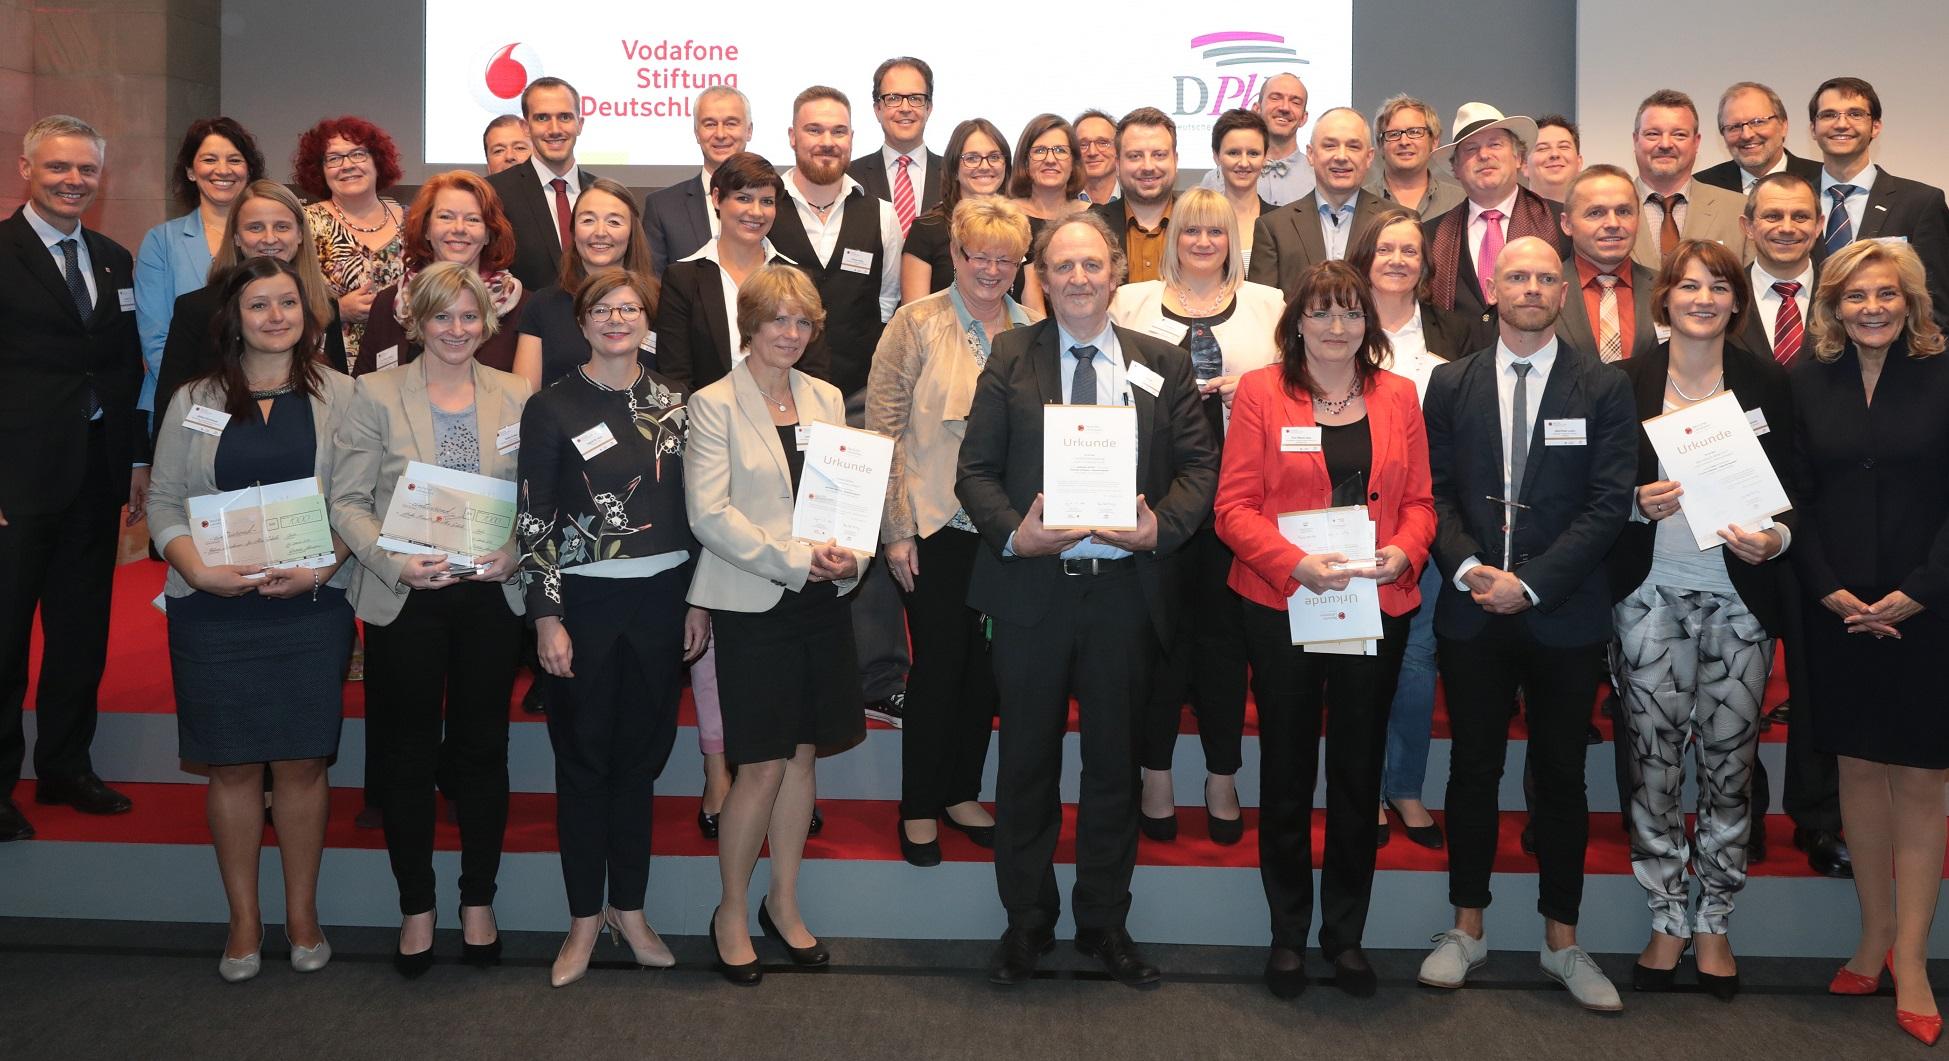 Das sind Deutschlands Lehrer des Jahres 2016 – Deutscher Lehrerpreis in Berlin verliehen